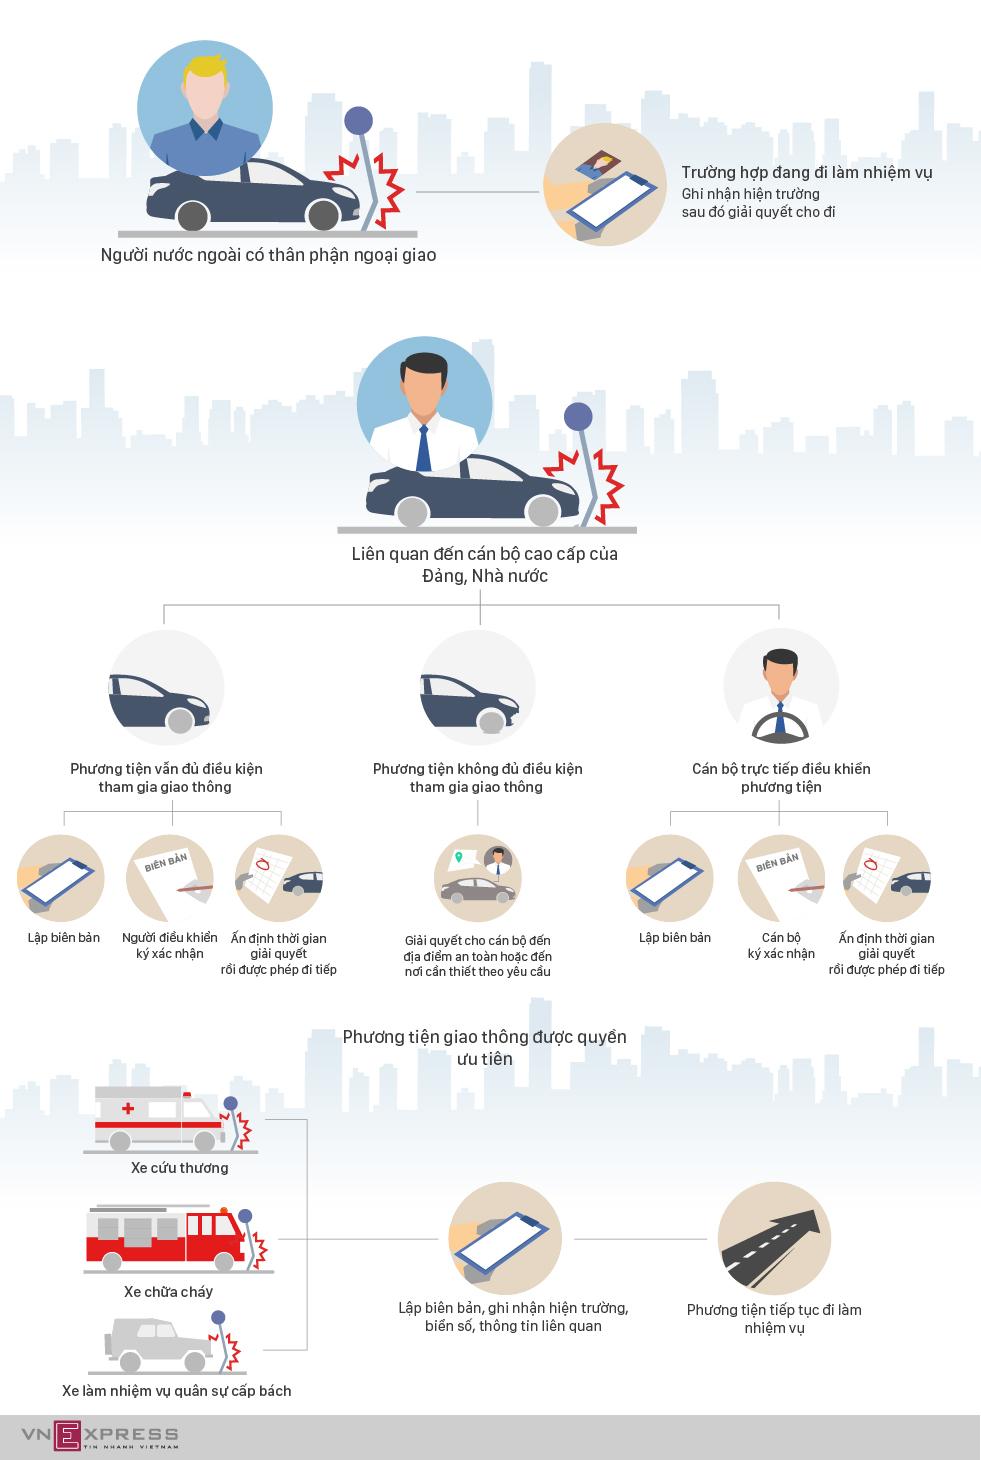 Những trường hợp không bị giữ ôtô khi xảy ra tai nạn